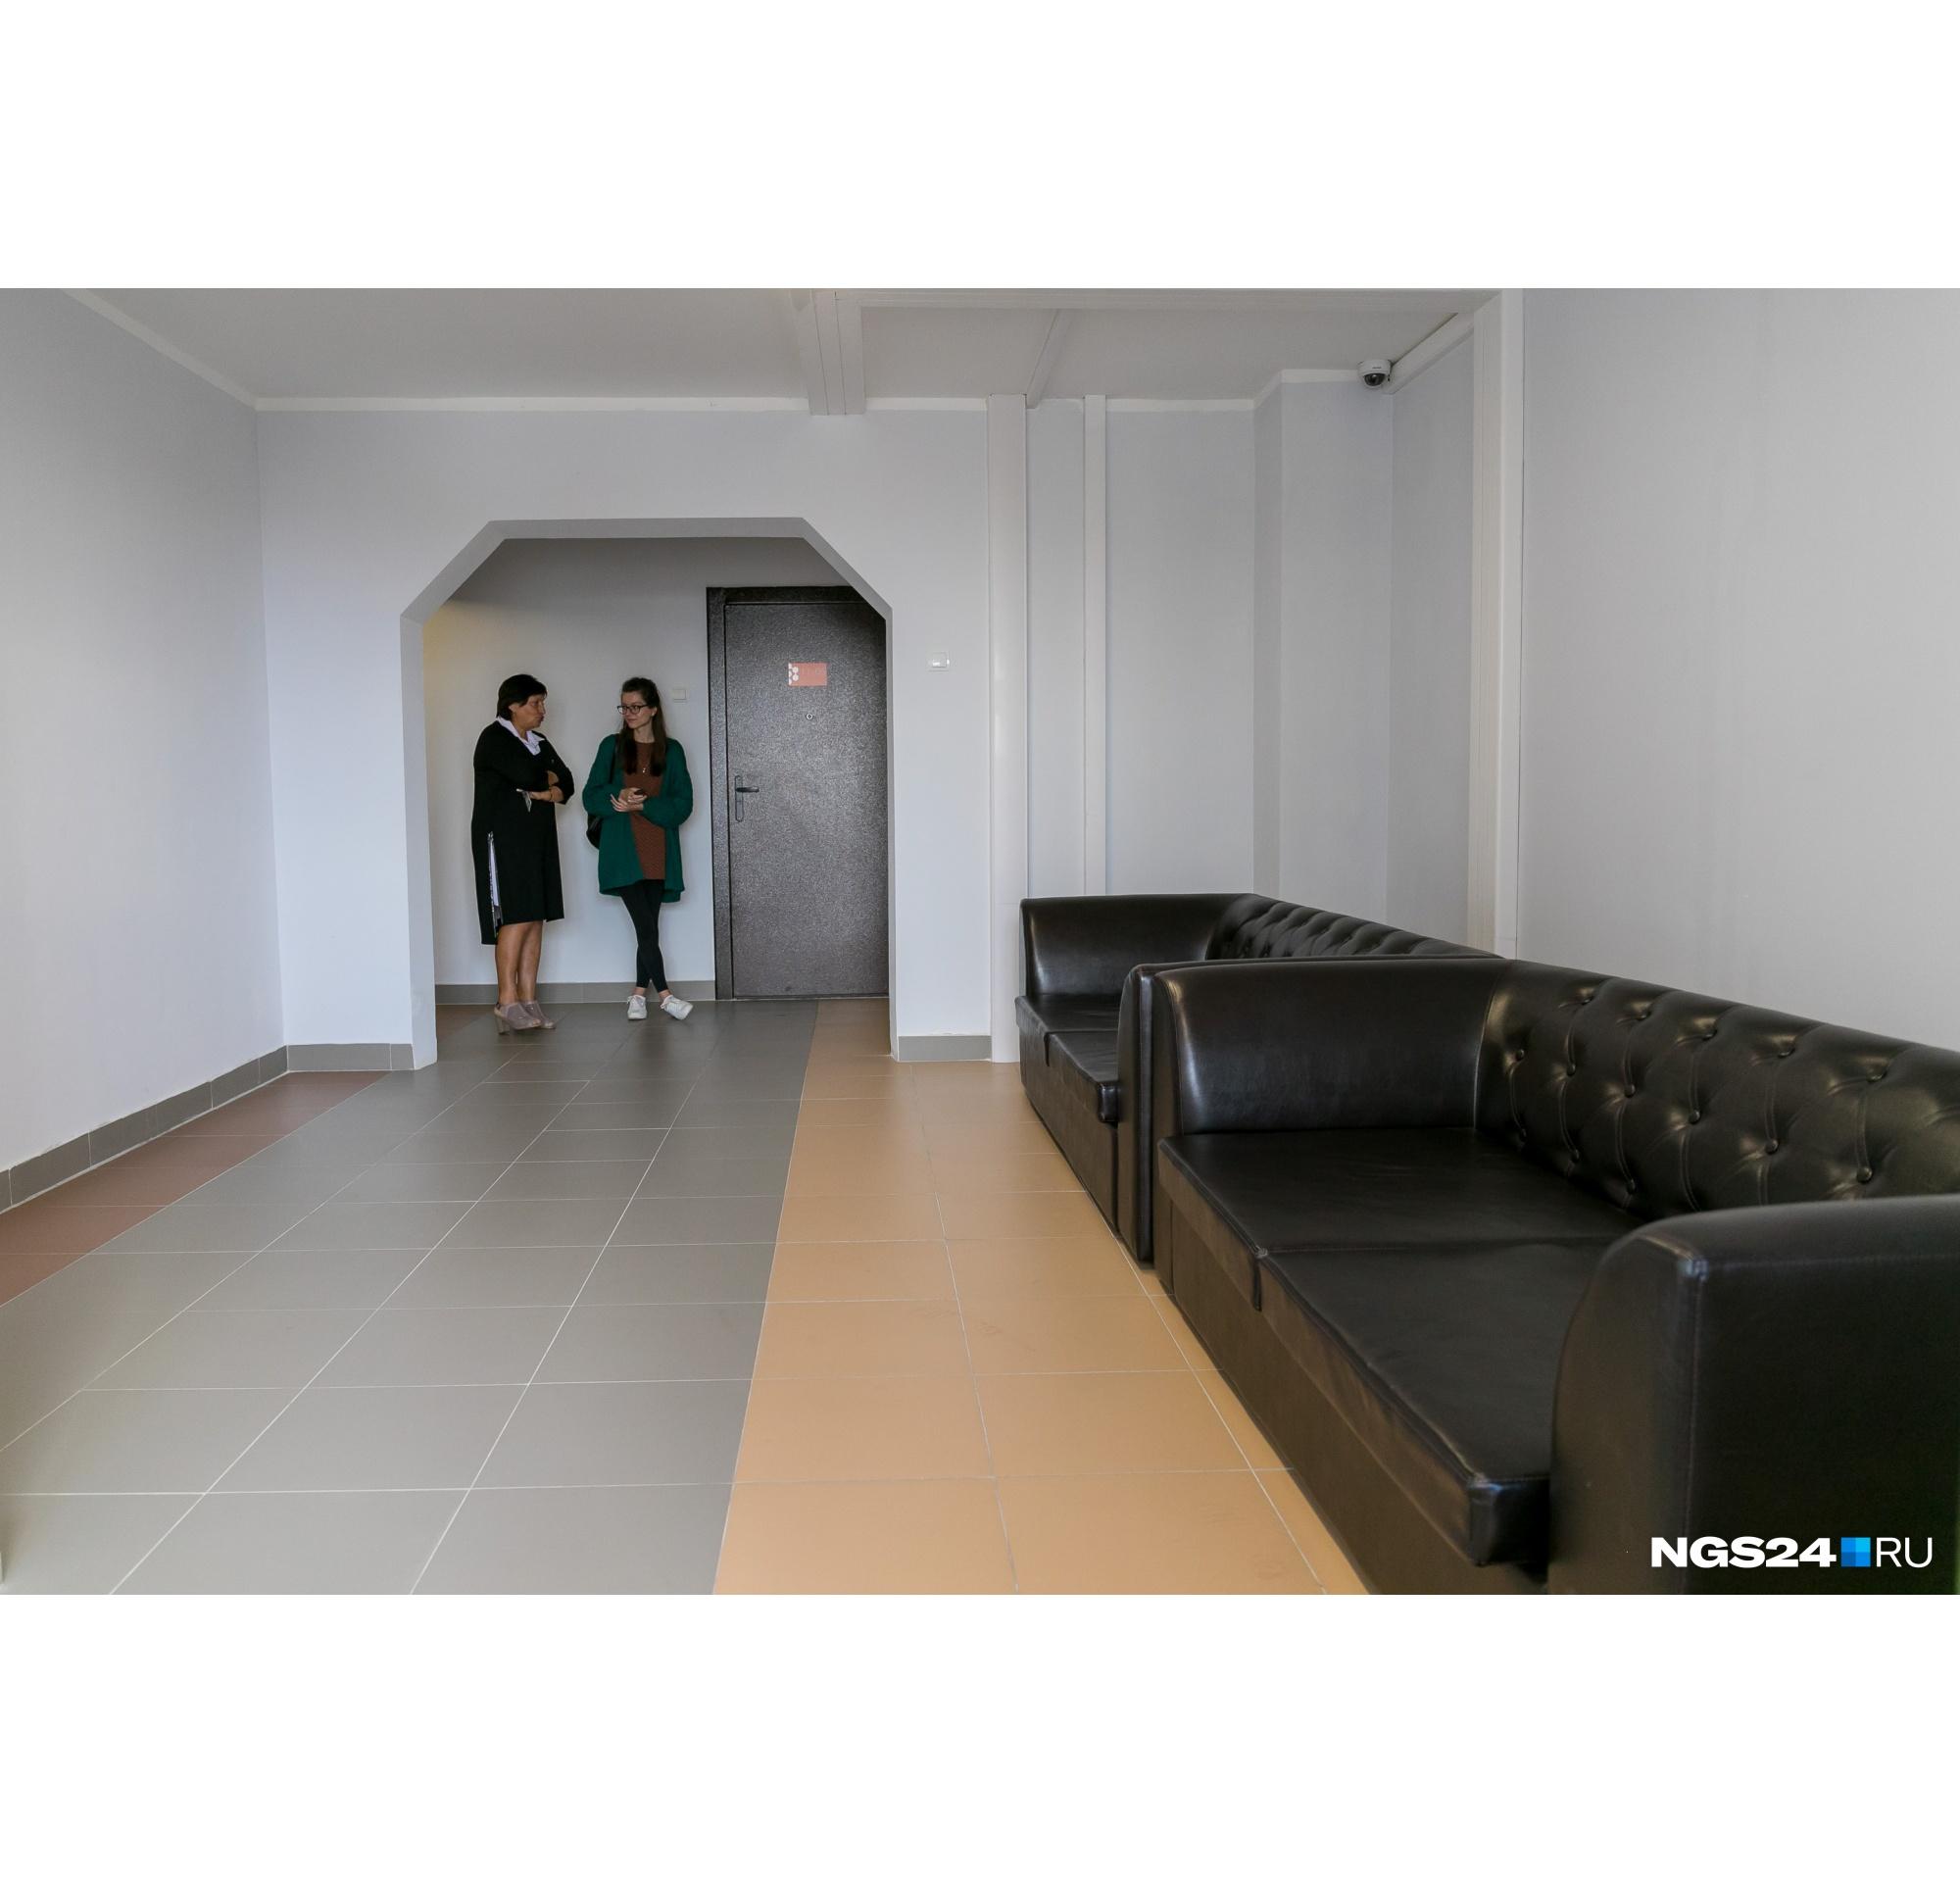 На каждом этаже есть комната с диванами, где можно встретиться с друзьями